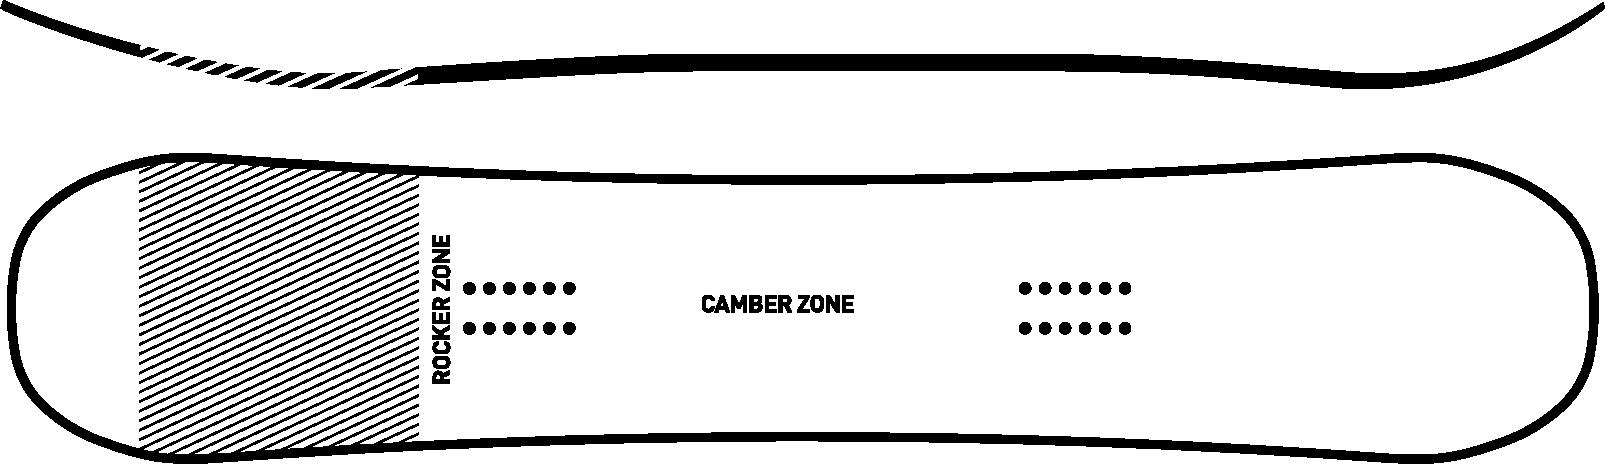 directional-hybrid-camberrStg6Y5Q7IWdK